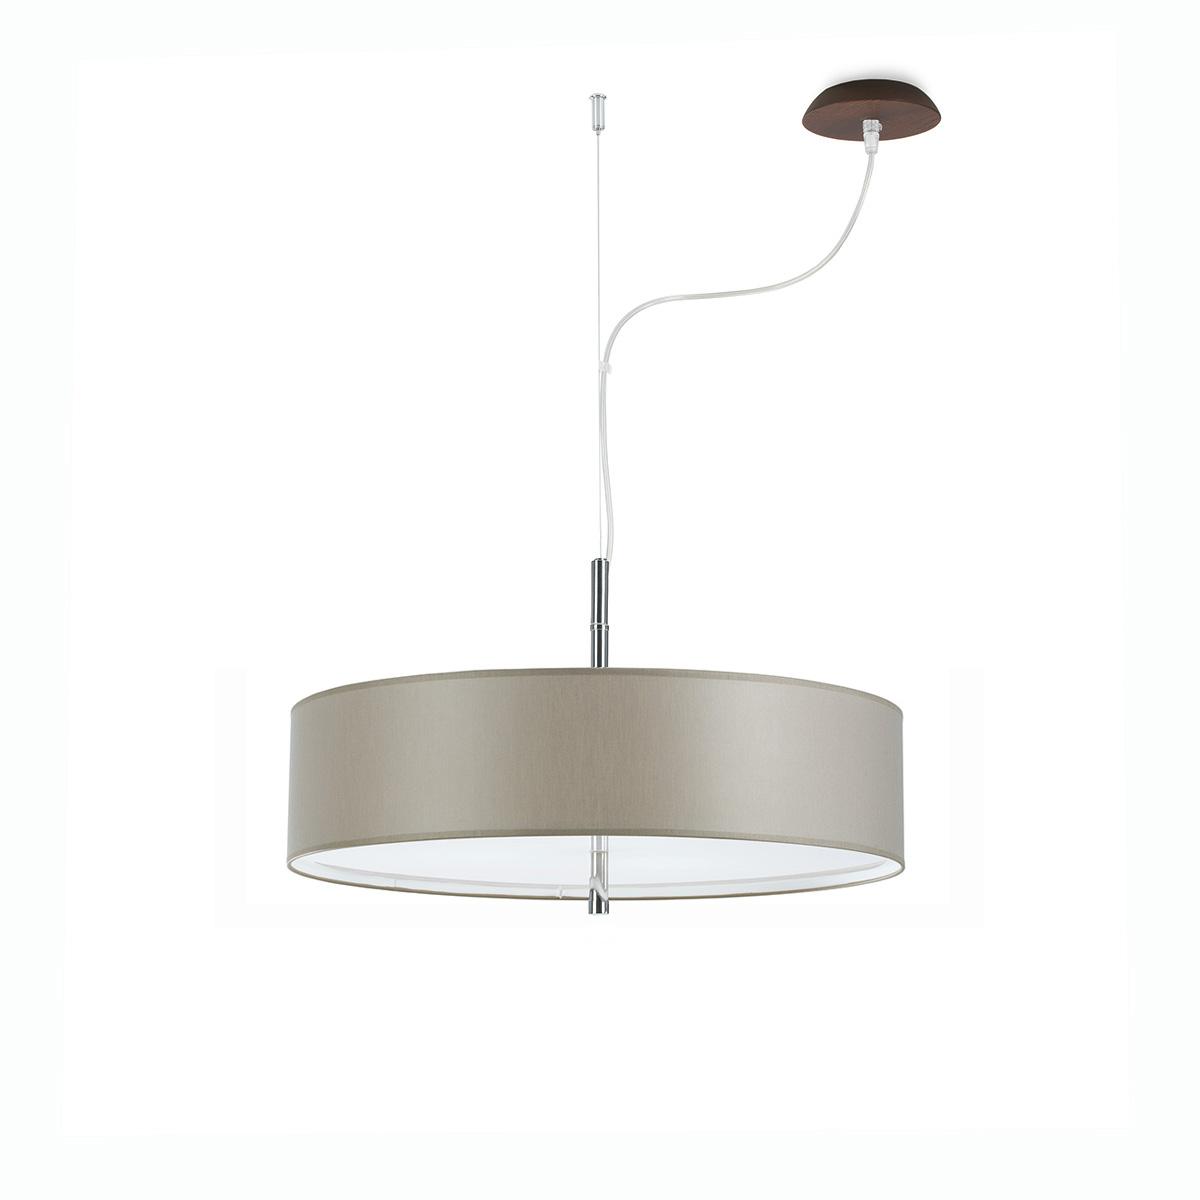 Κρεμαστό φωτιστικό με καπέλο OVNI suspension lamp with shade